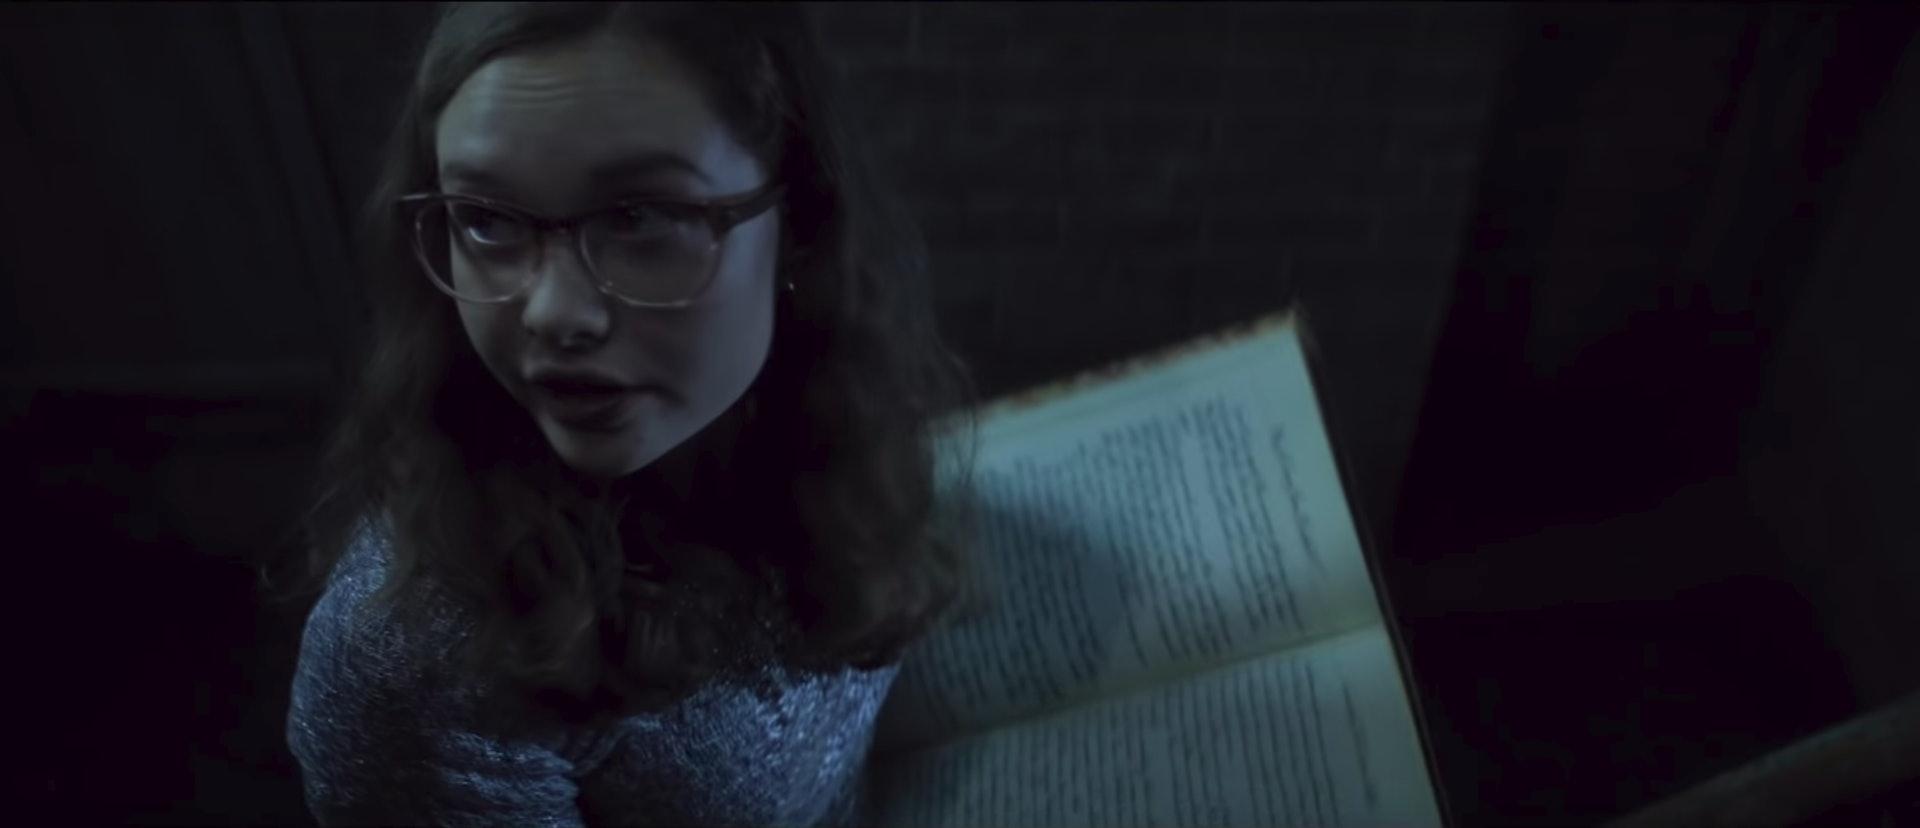 《在黑暗中說的鬼故事》兒童讀本改編成電影,粉絲又要驚多次。(網上截圖)